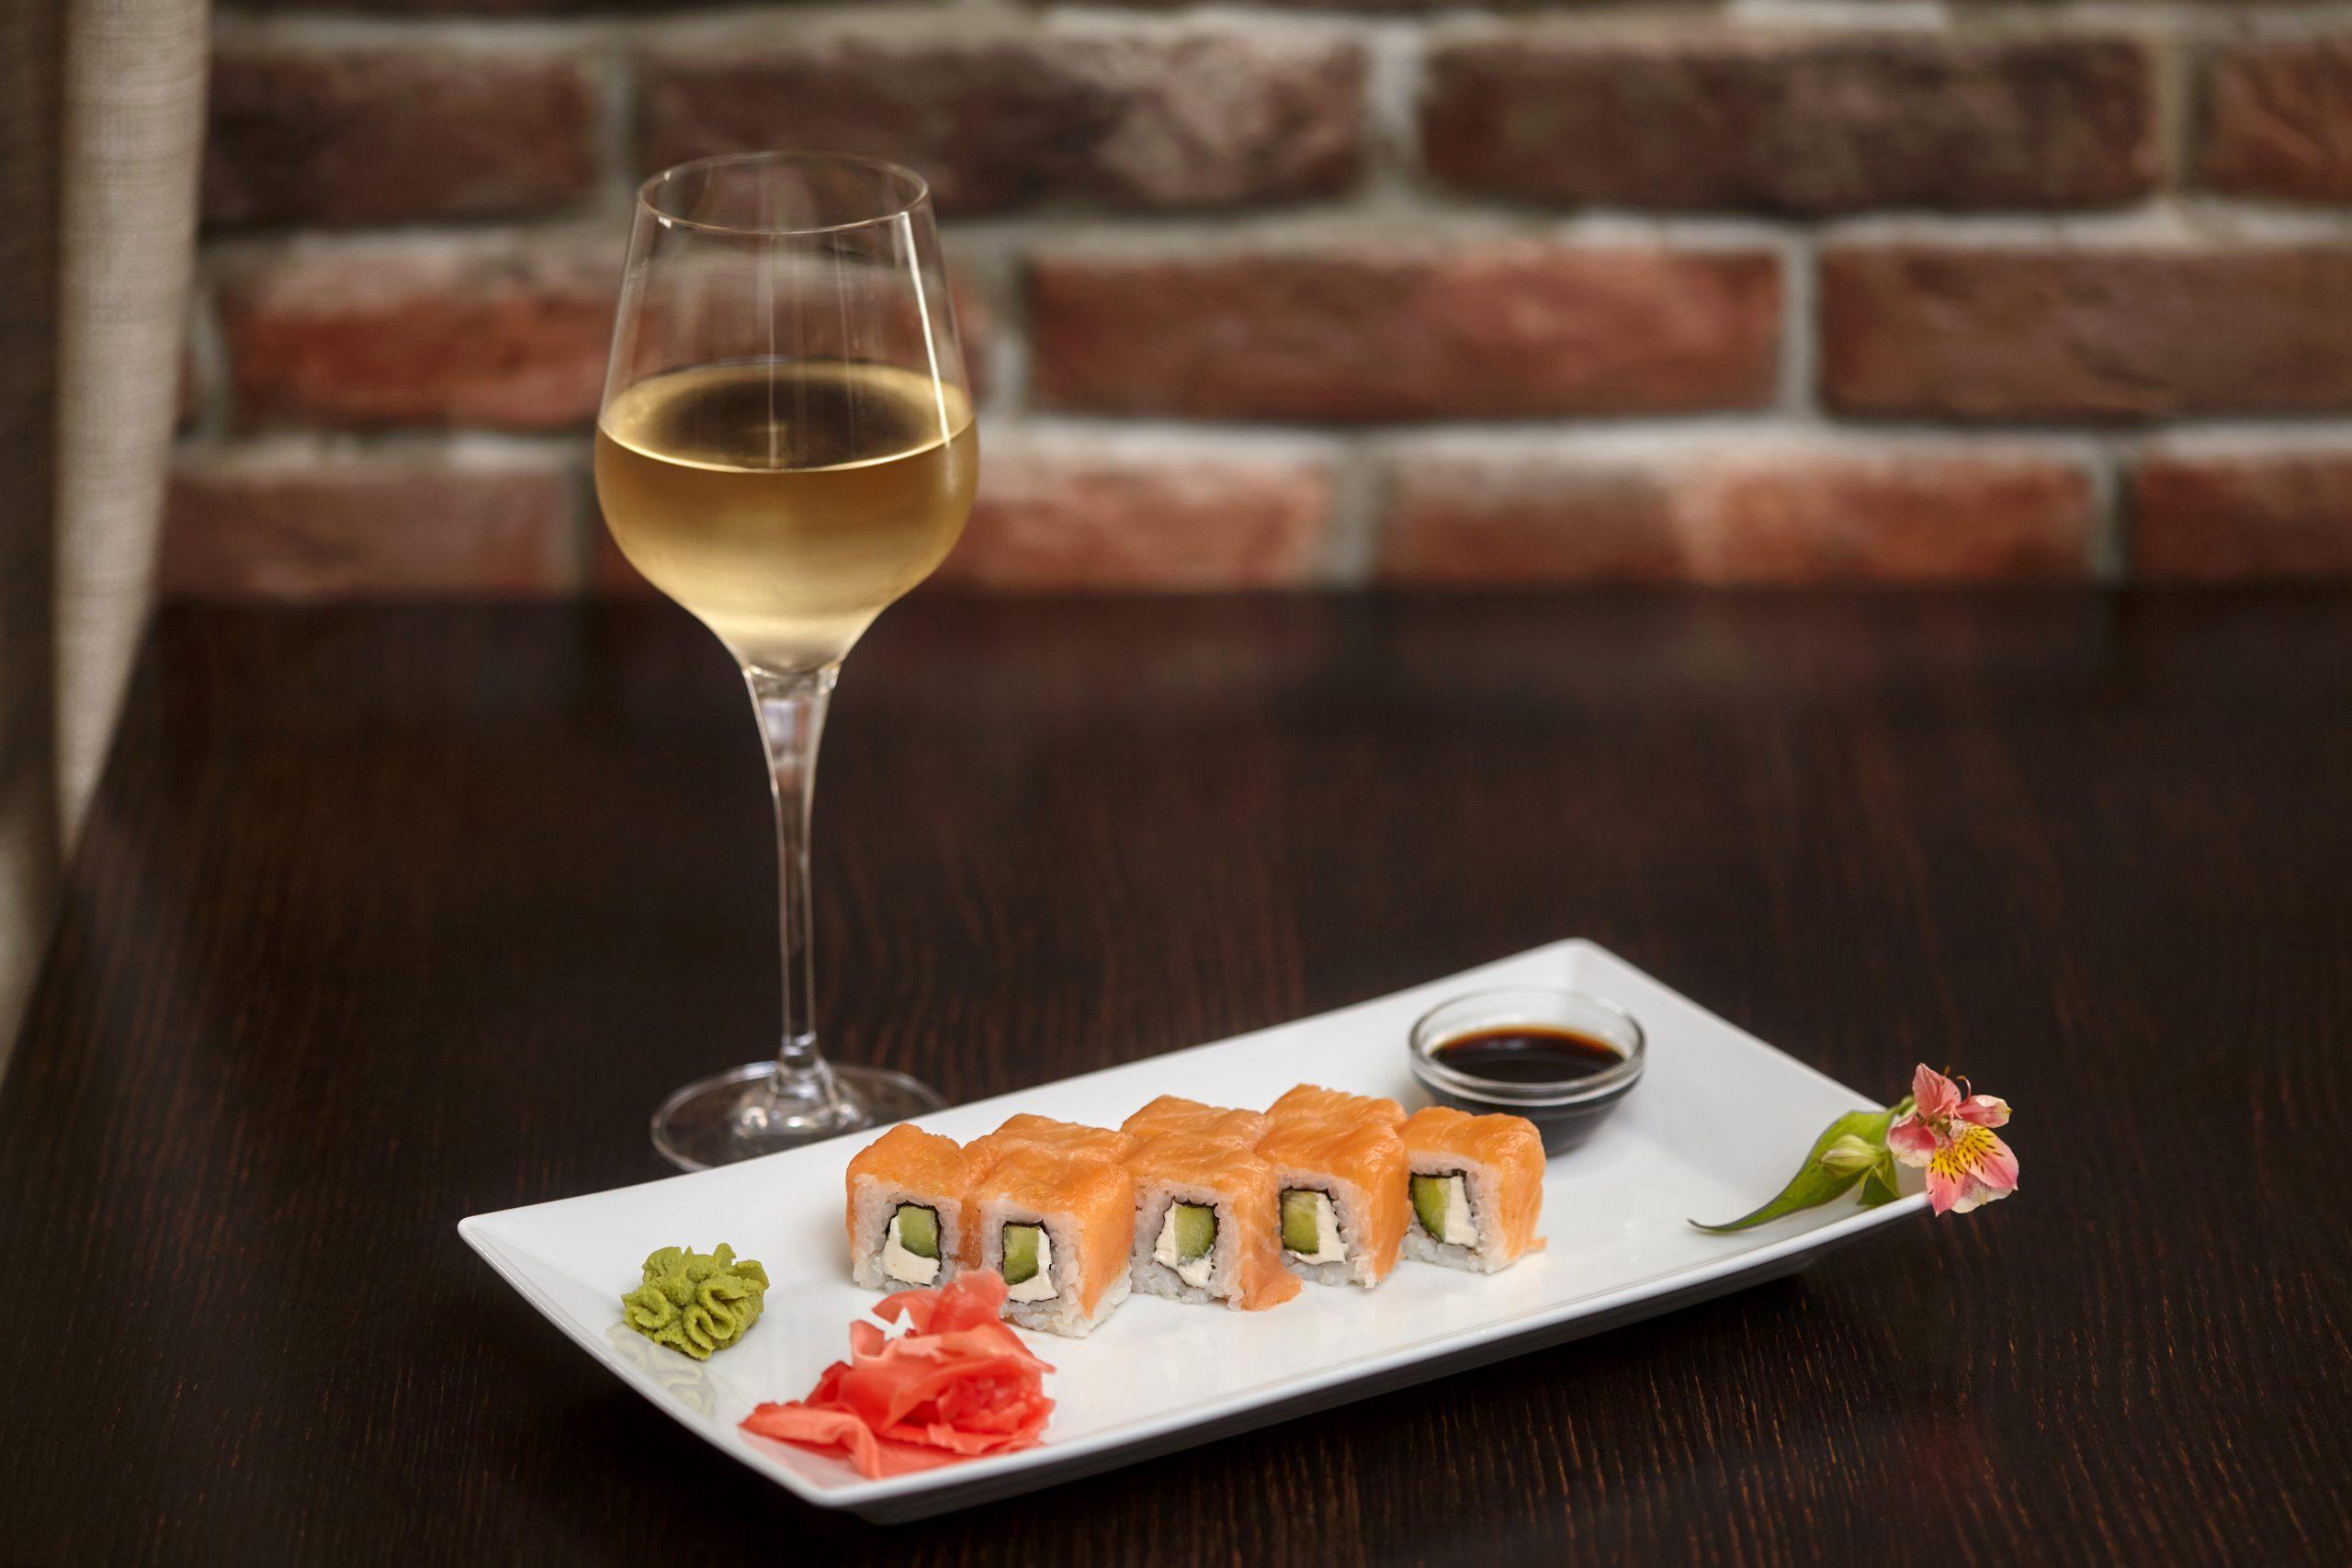 和食とワインとの相性は抜群!おすすめの組み合わせ例をご紹介